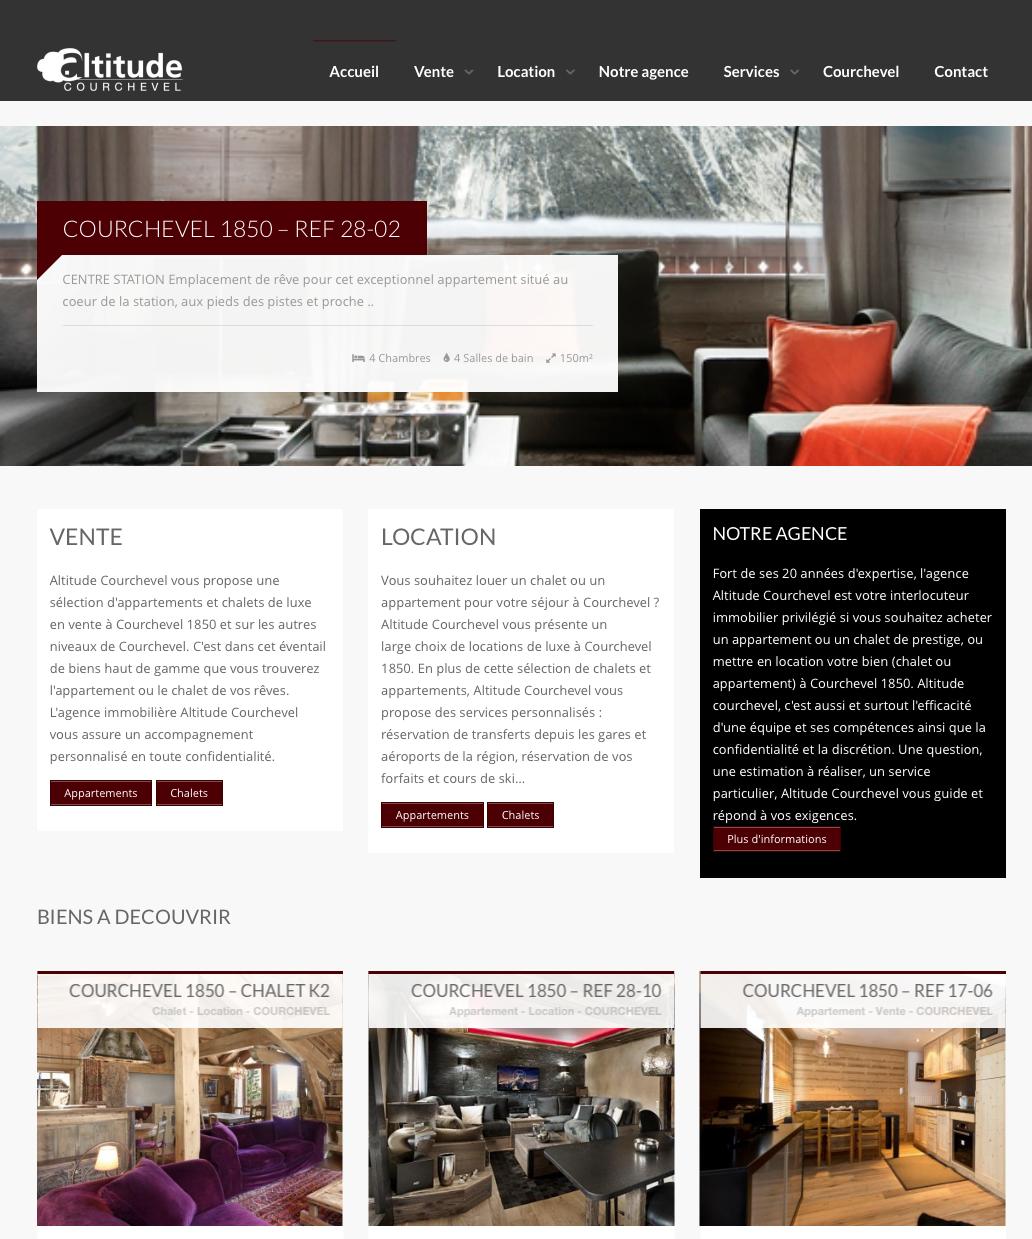 旅游网站翻译服务 房地产代理公司 山间小木屋和公寓管理 租赁 销售